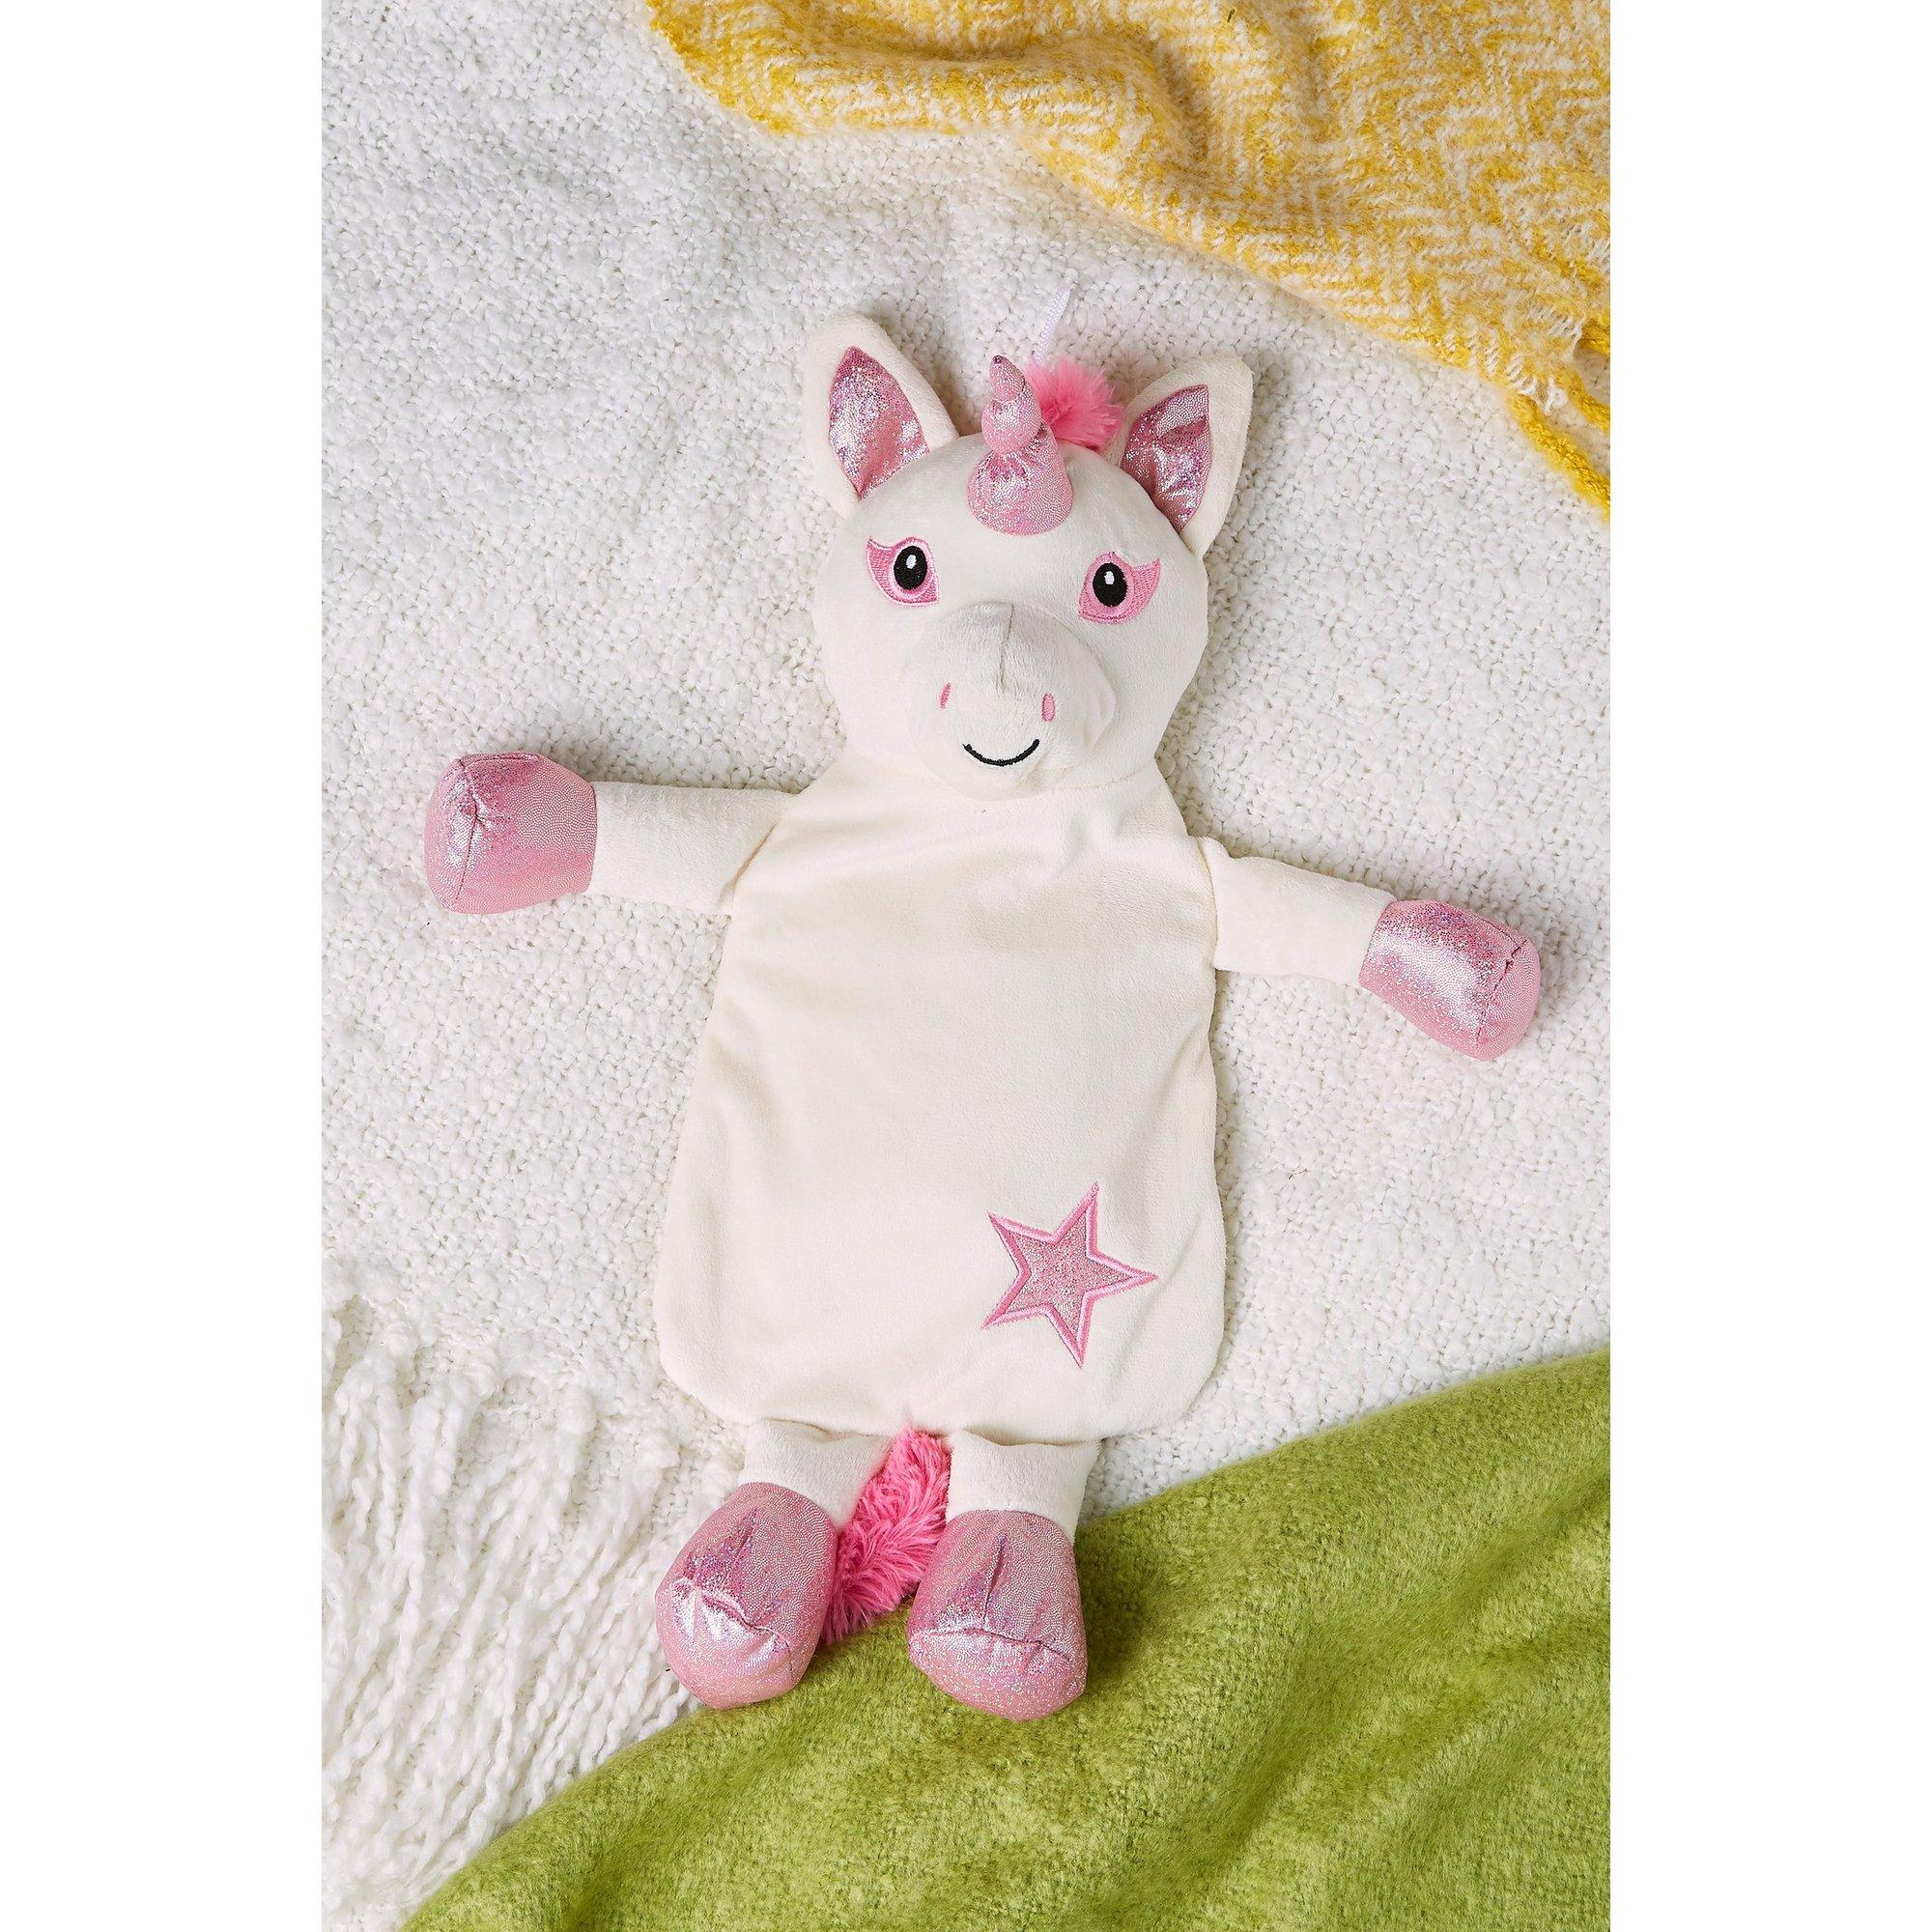 Image of Novelty Hot Water Bottle Unicorn Pink